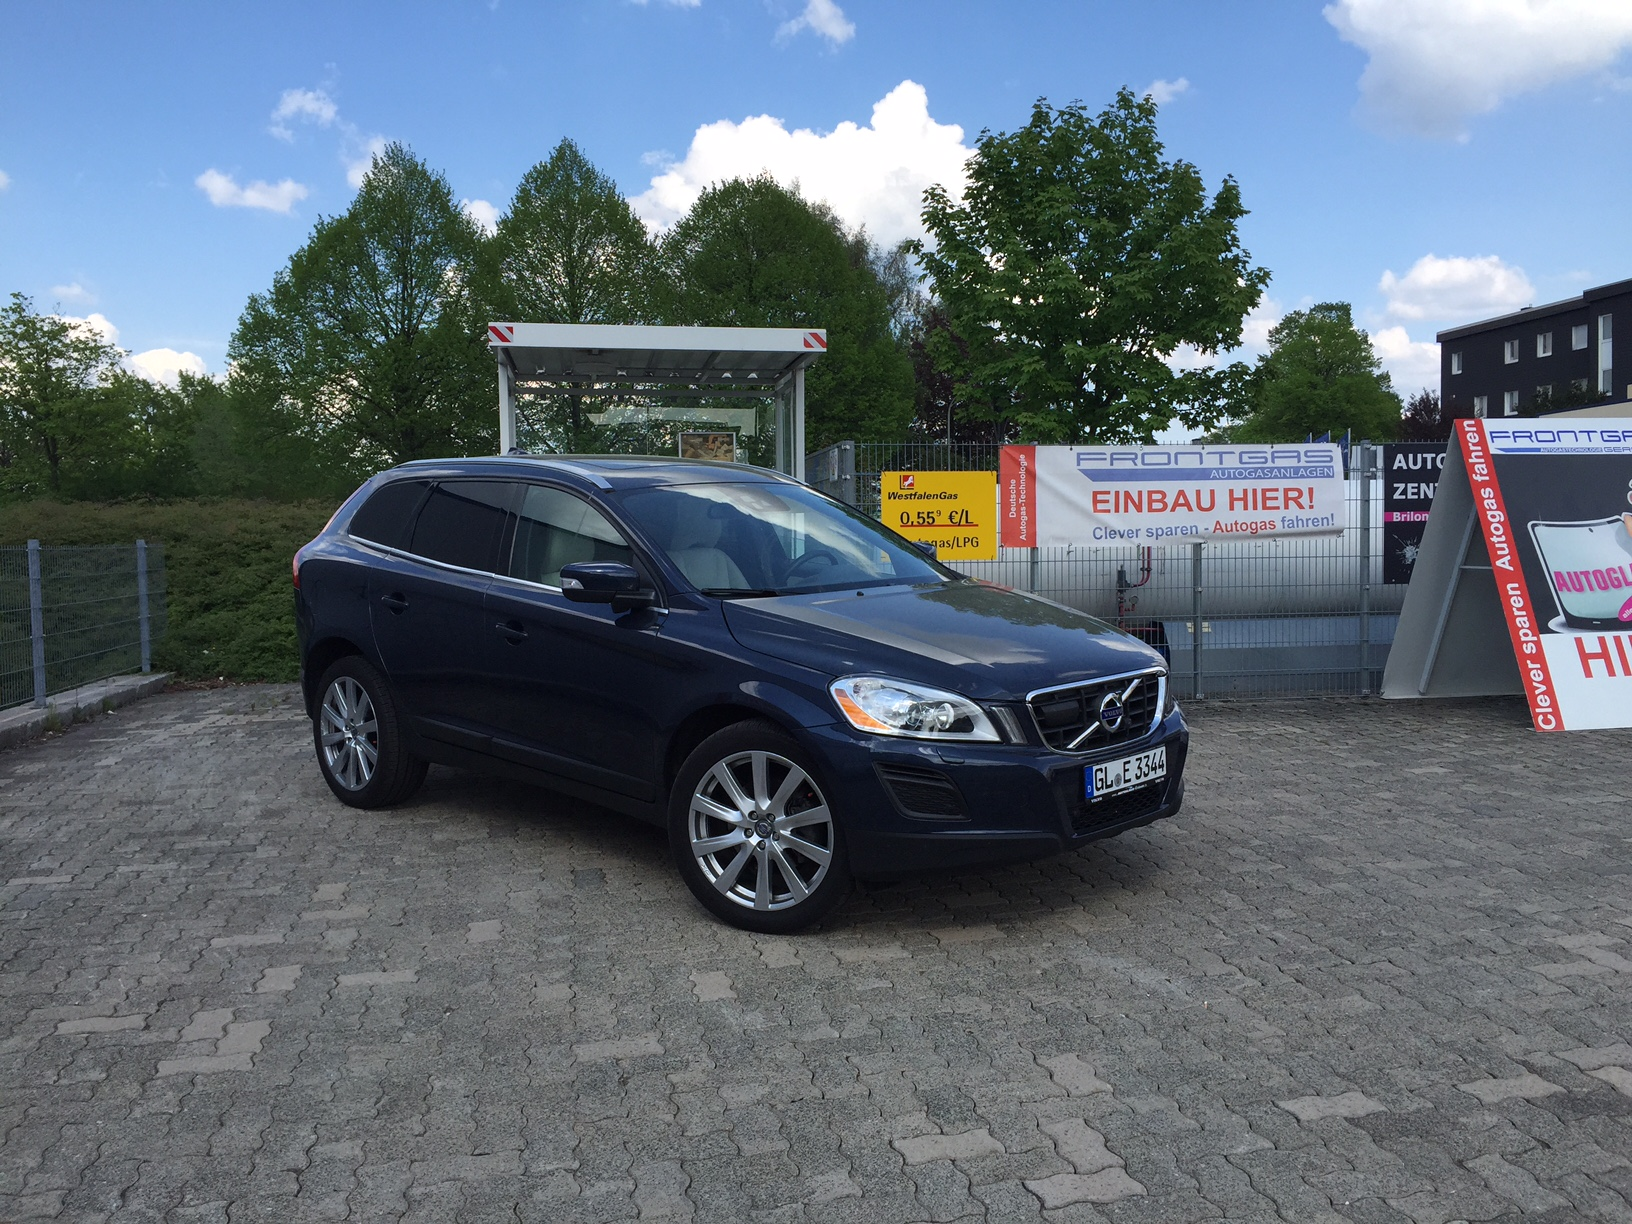 Wonderbaarlijk Autogas Volvo XC - Informieren Sie sich hier über Ihren LPG Umbau QW-78